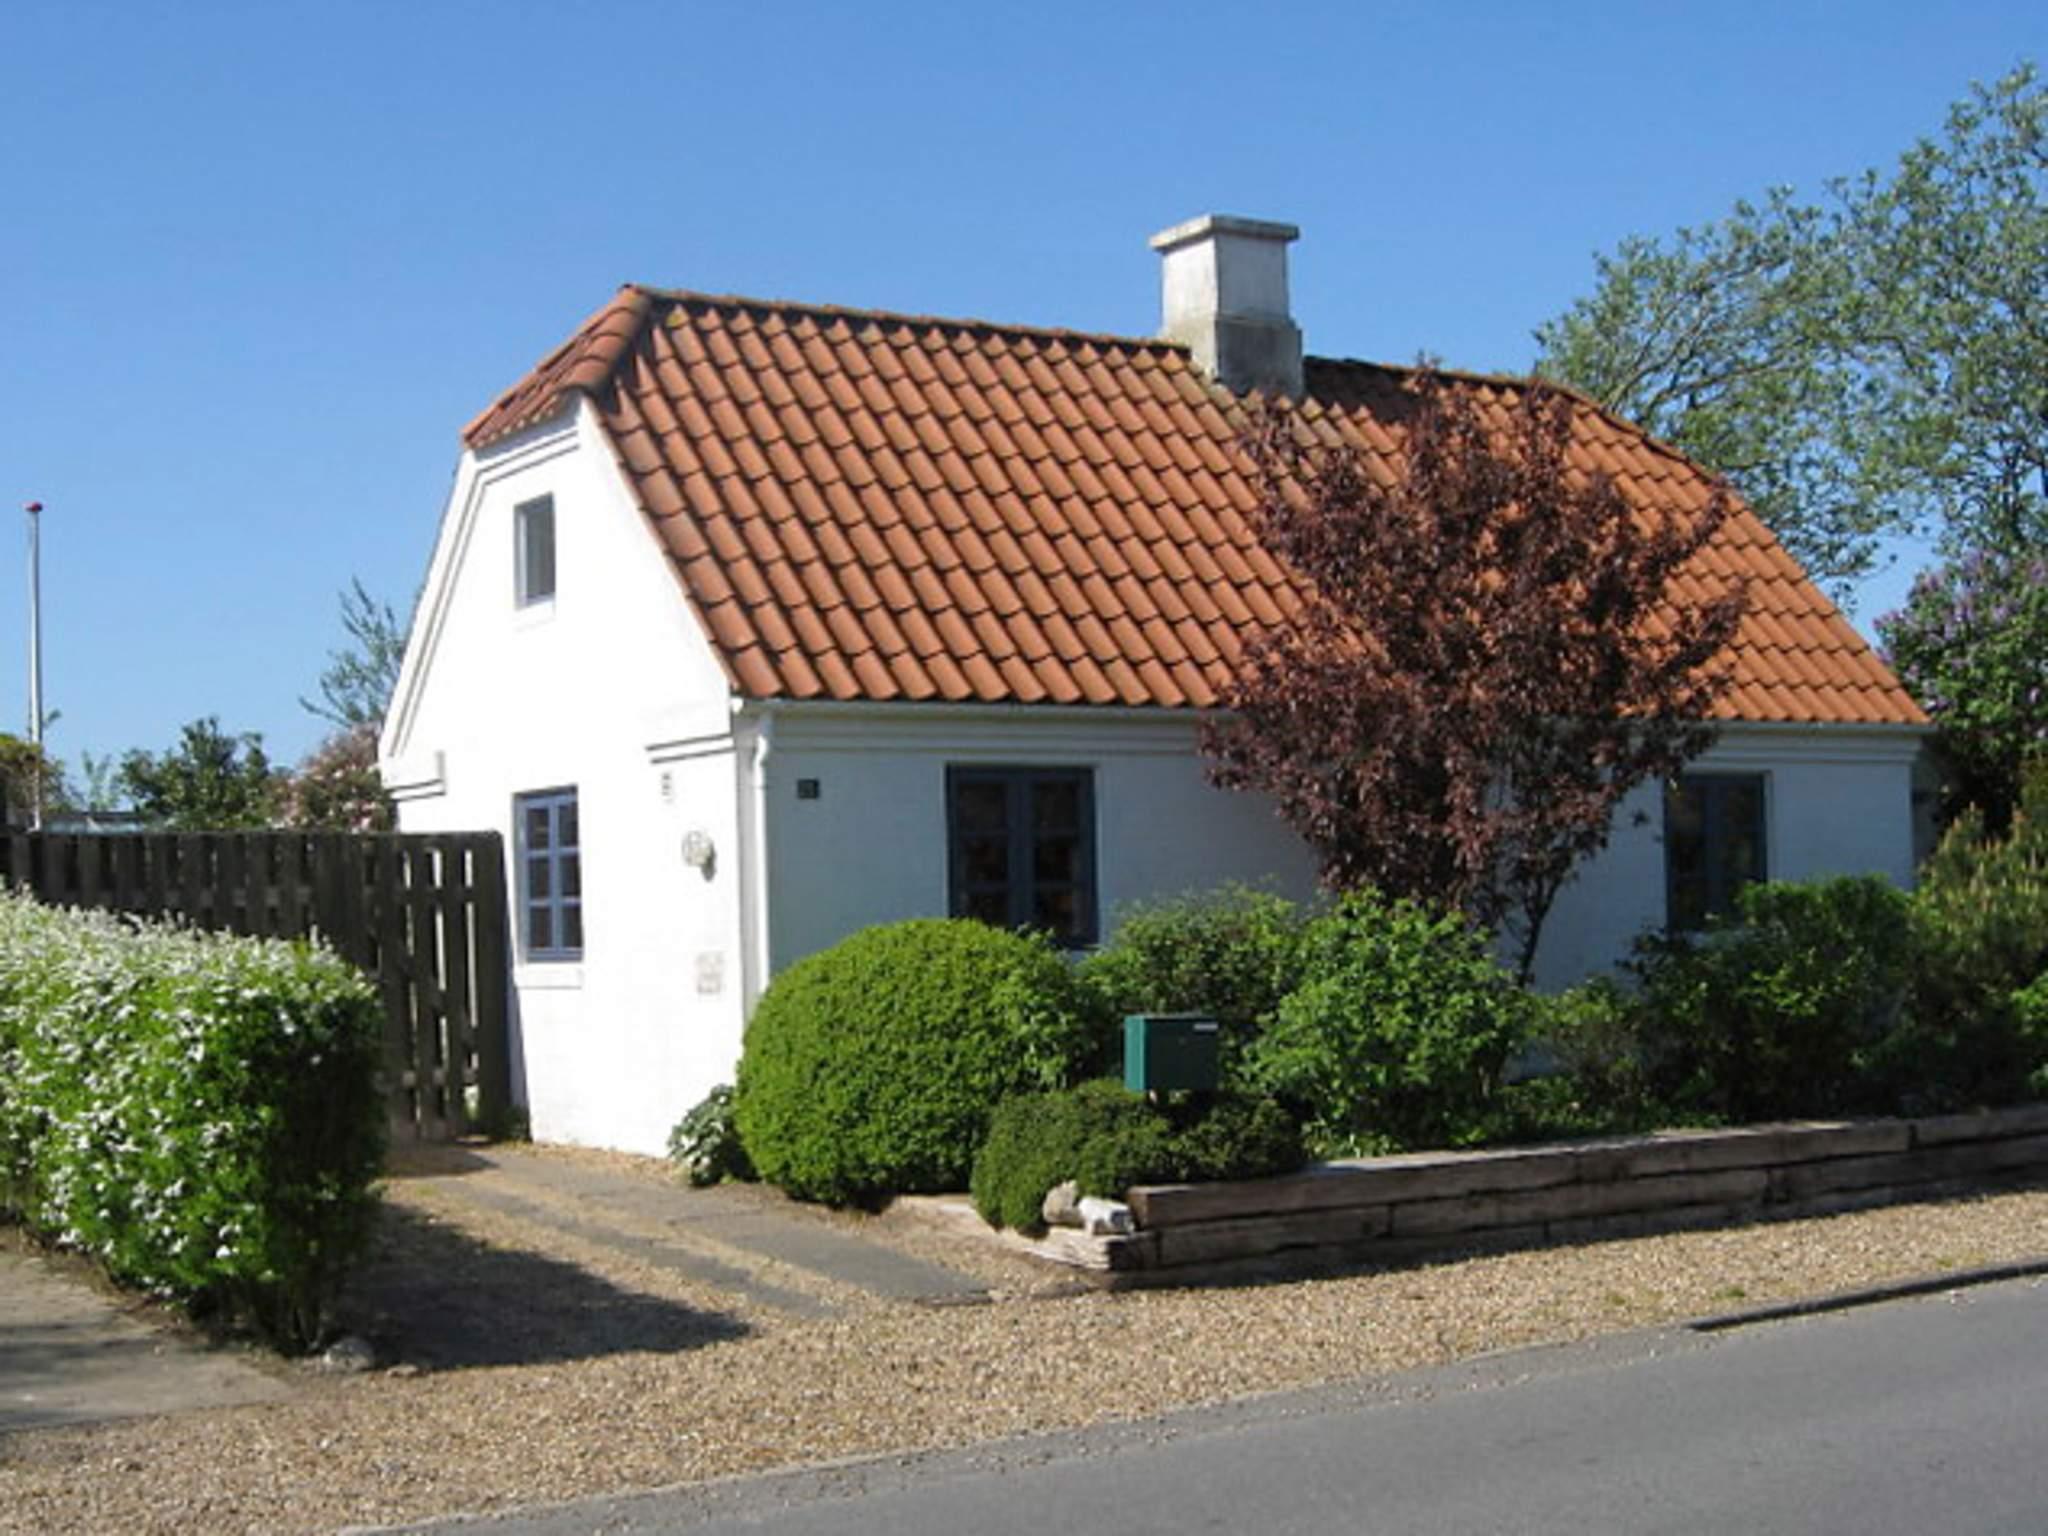 Ferienhaus St. Darum (306951), Bramming, , Südjütland, Dänemark, Bild 8